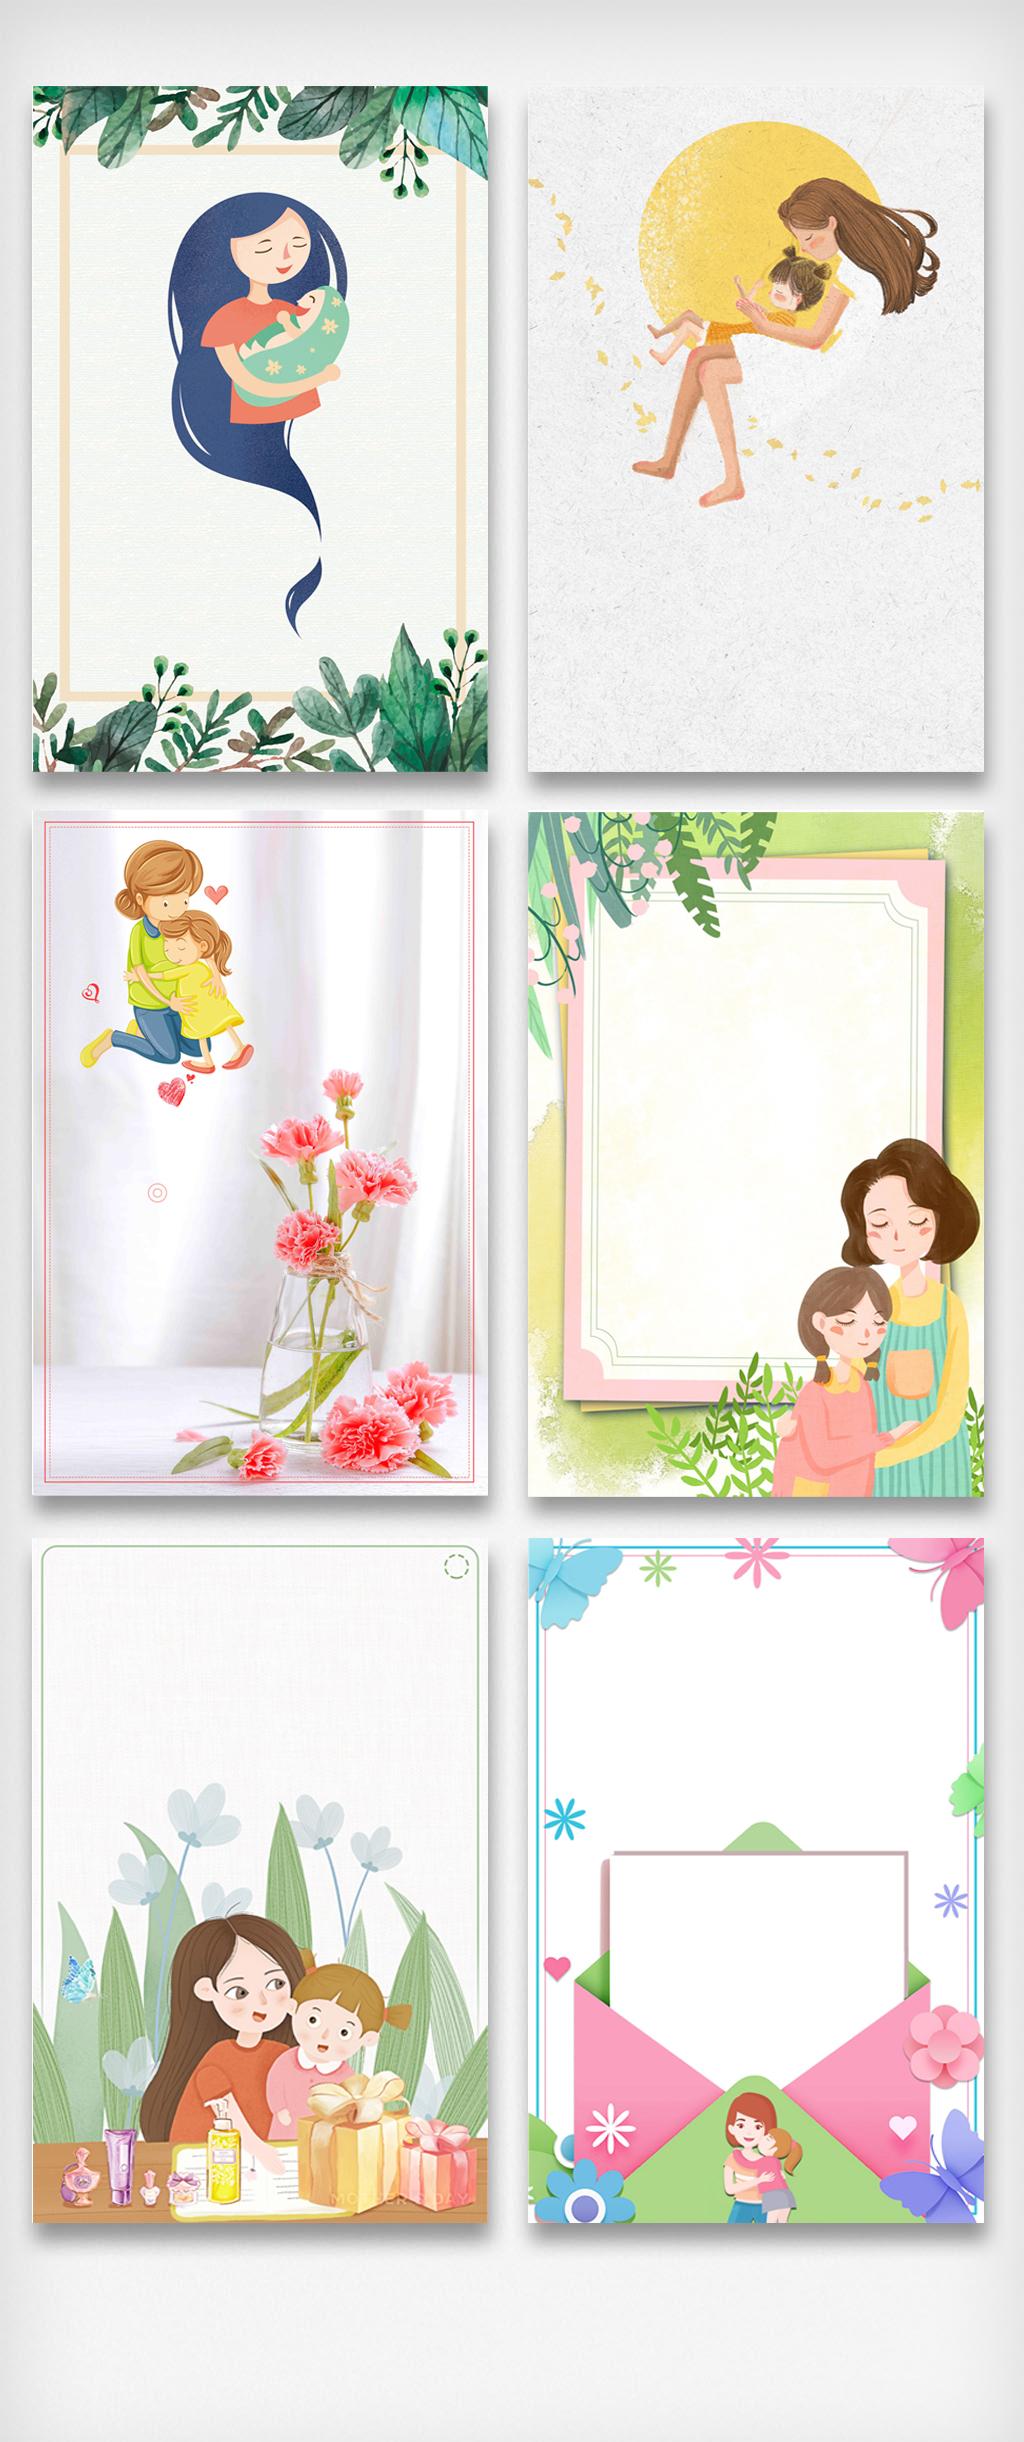 原创设计人物手绘母亲节快乐海报背景元素